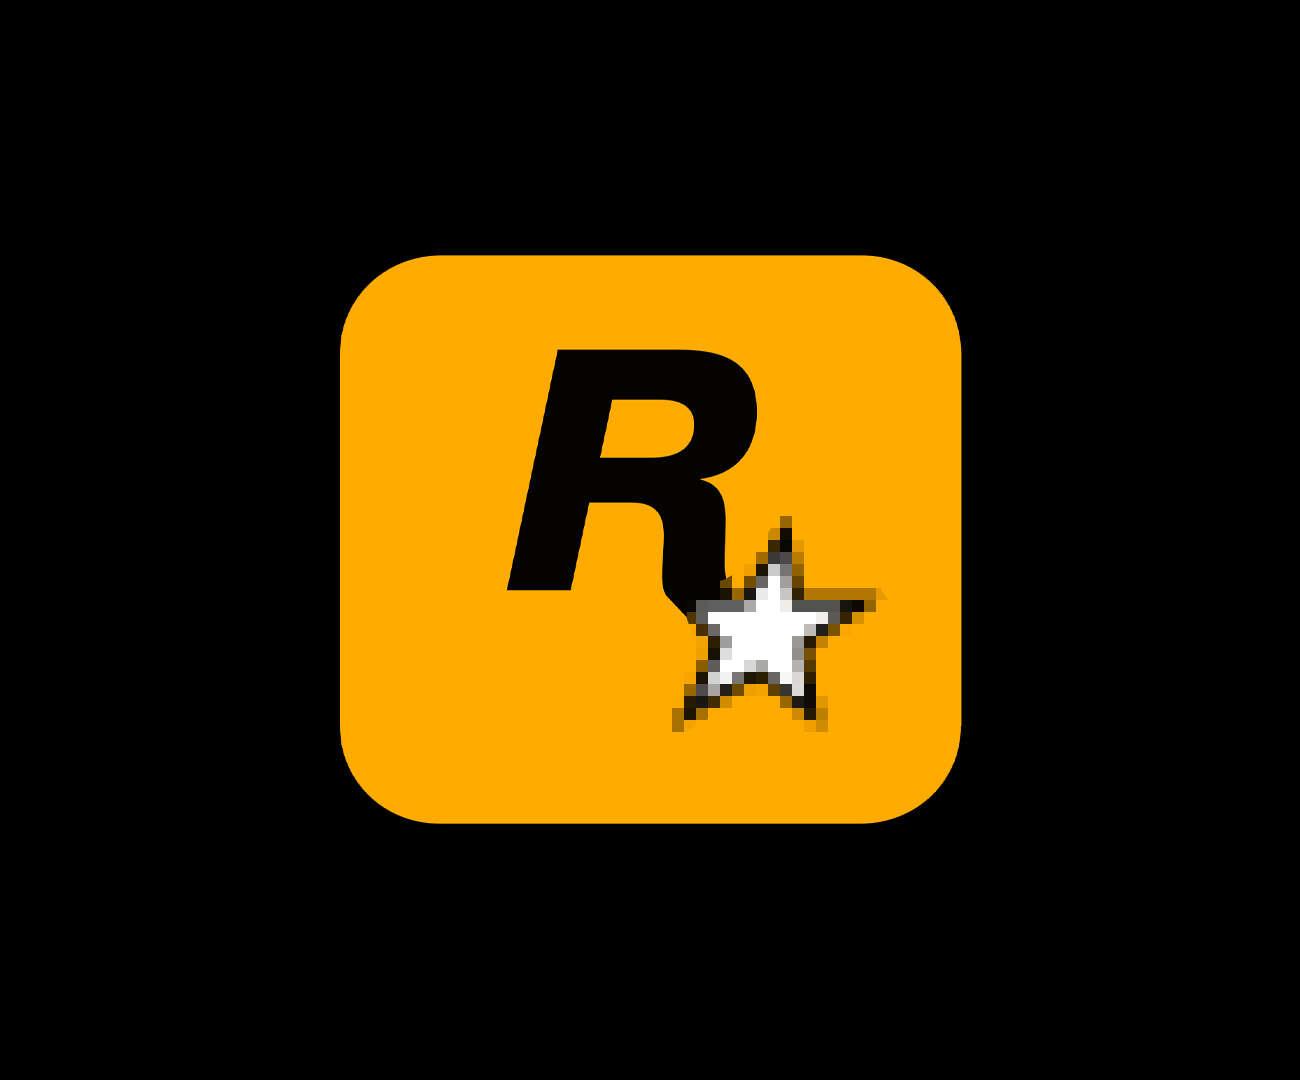 Koniec Rockstar. Martwię się o kondycję firmy